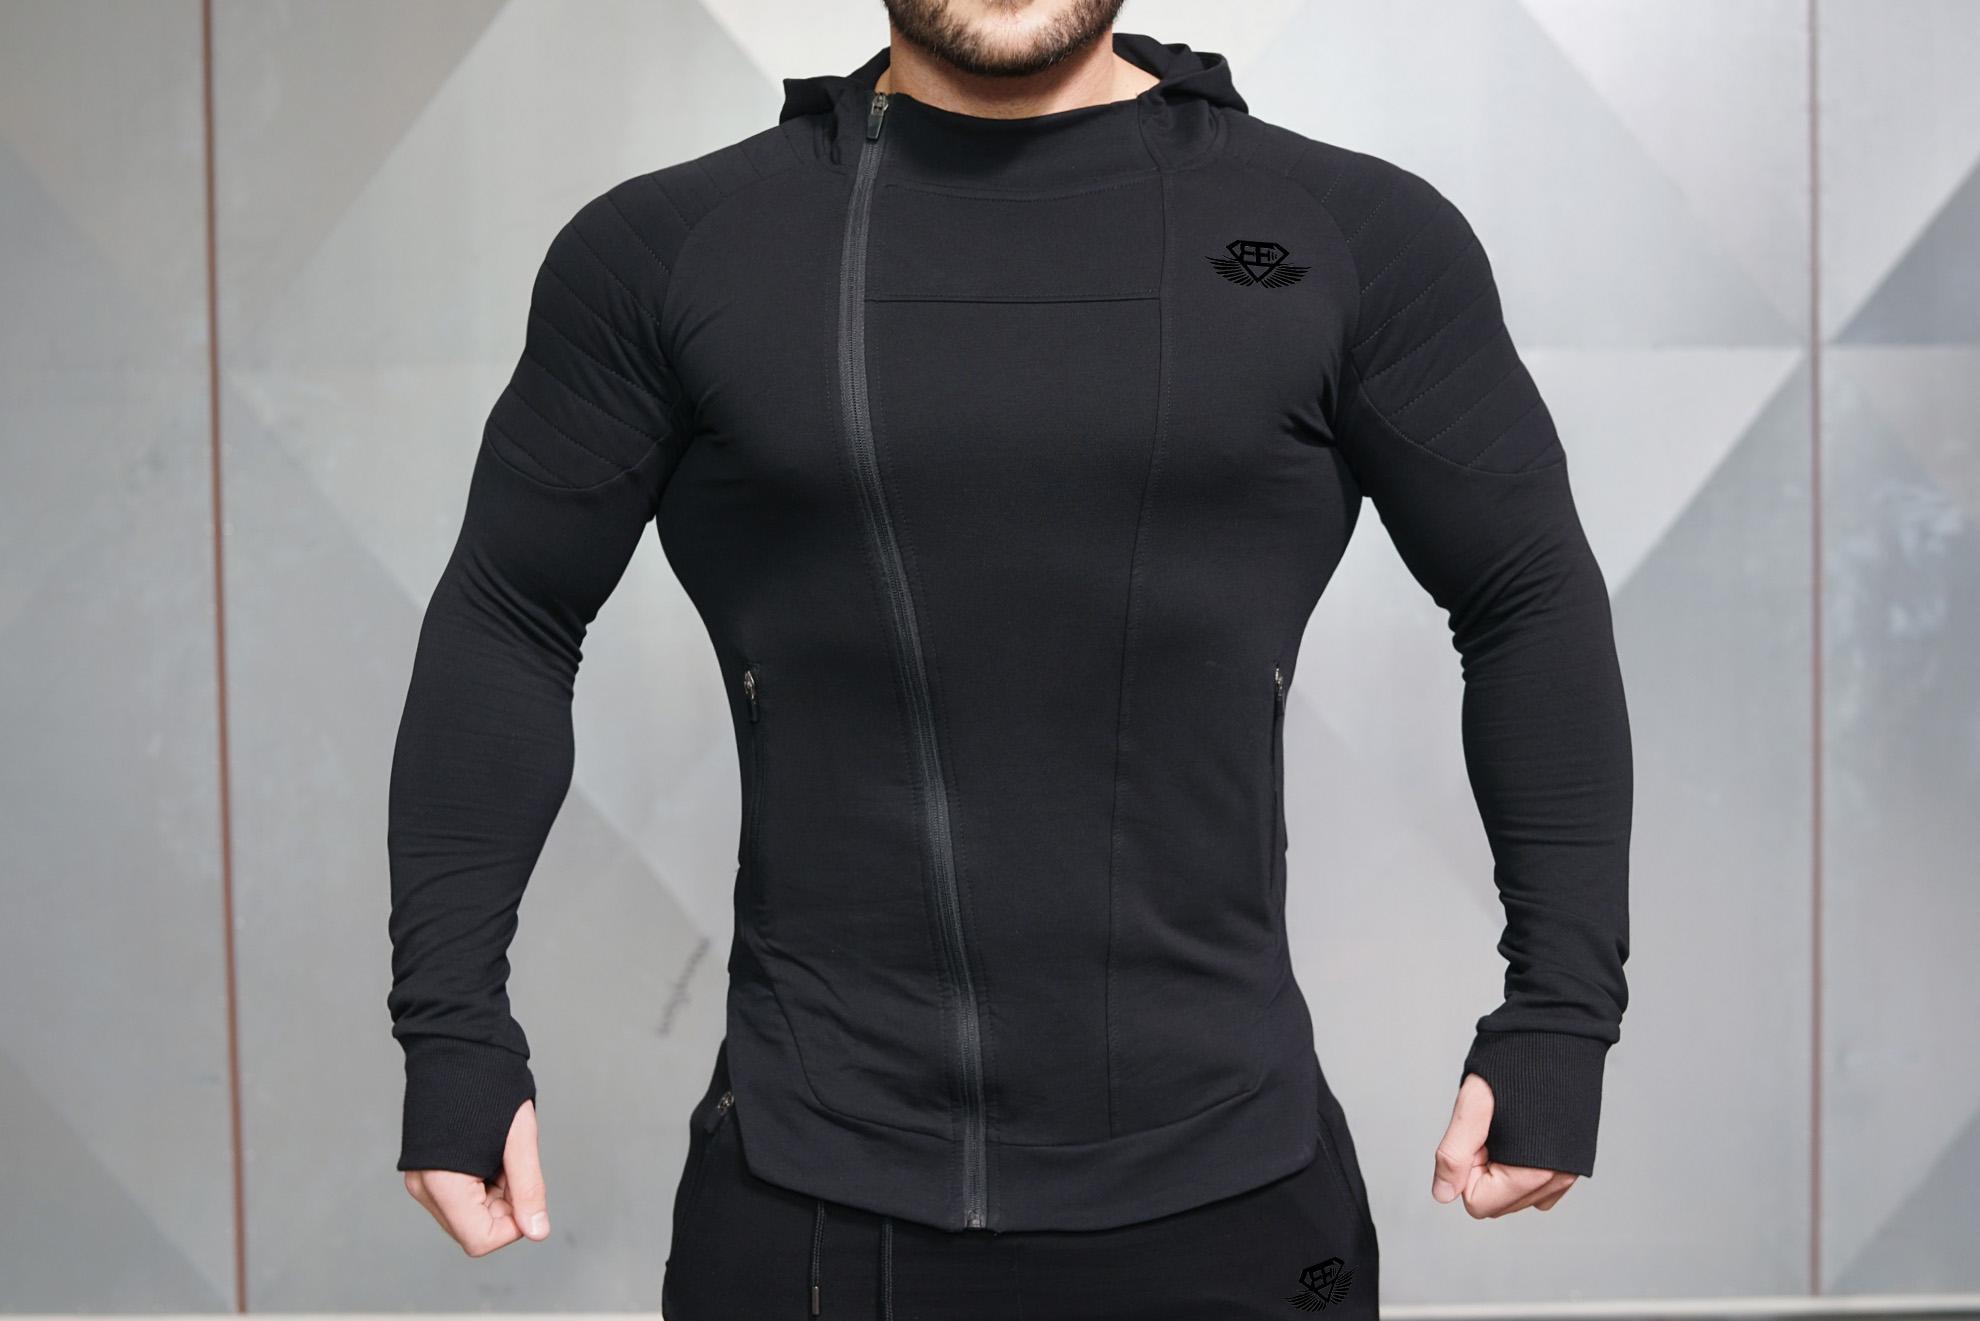 x neo vest black on black body engineers international shop. Black Bedroom Furniture Sets. Home Design Ideas